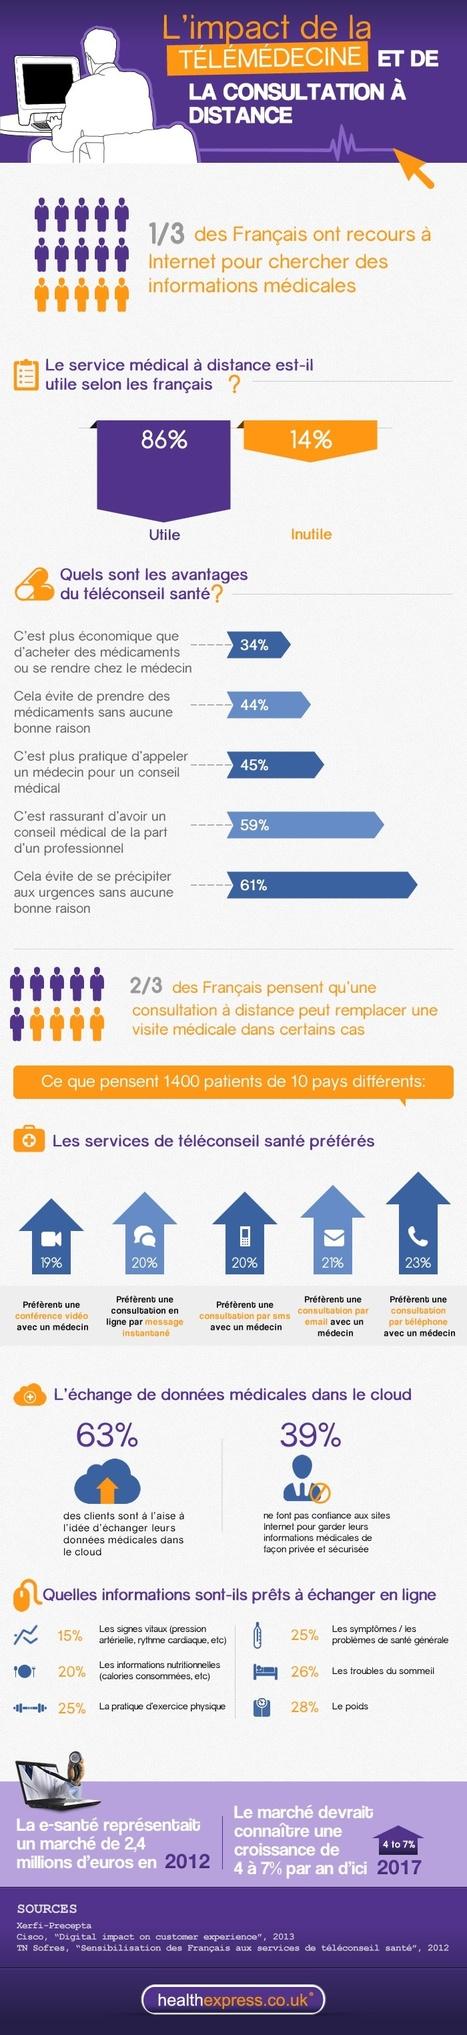 Infographie : L'impact de la télémédecine et de... | ✨ L'iMedia en Santé Humaine ✨ | Scoop.it